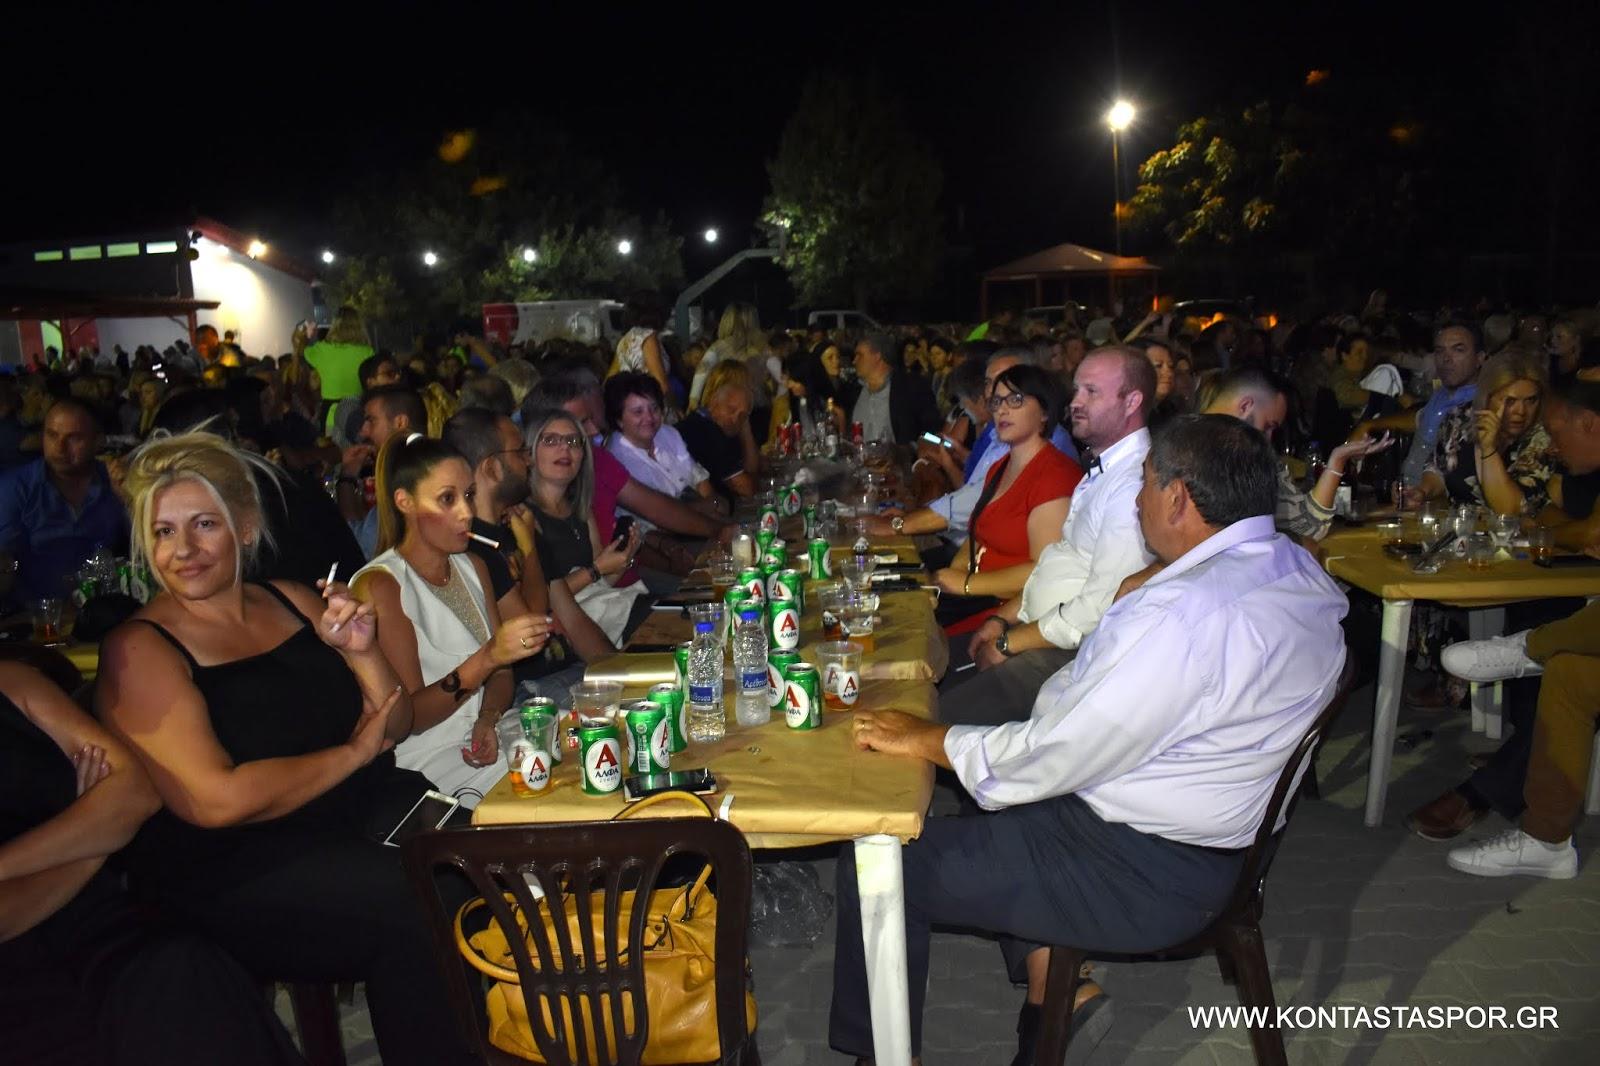 Με επιτυχία η λαική βραδιά  Αδαμαντίδη στα Ψαχνά (φωτογραφίες) 1 DSC 0143